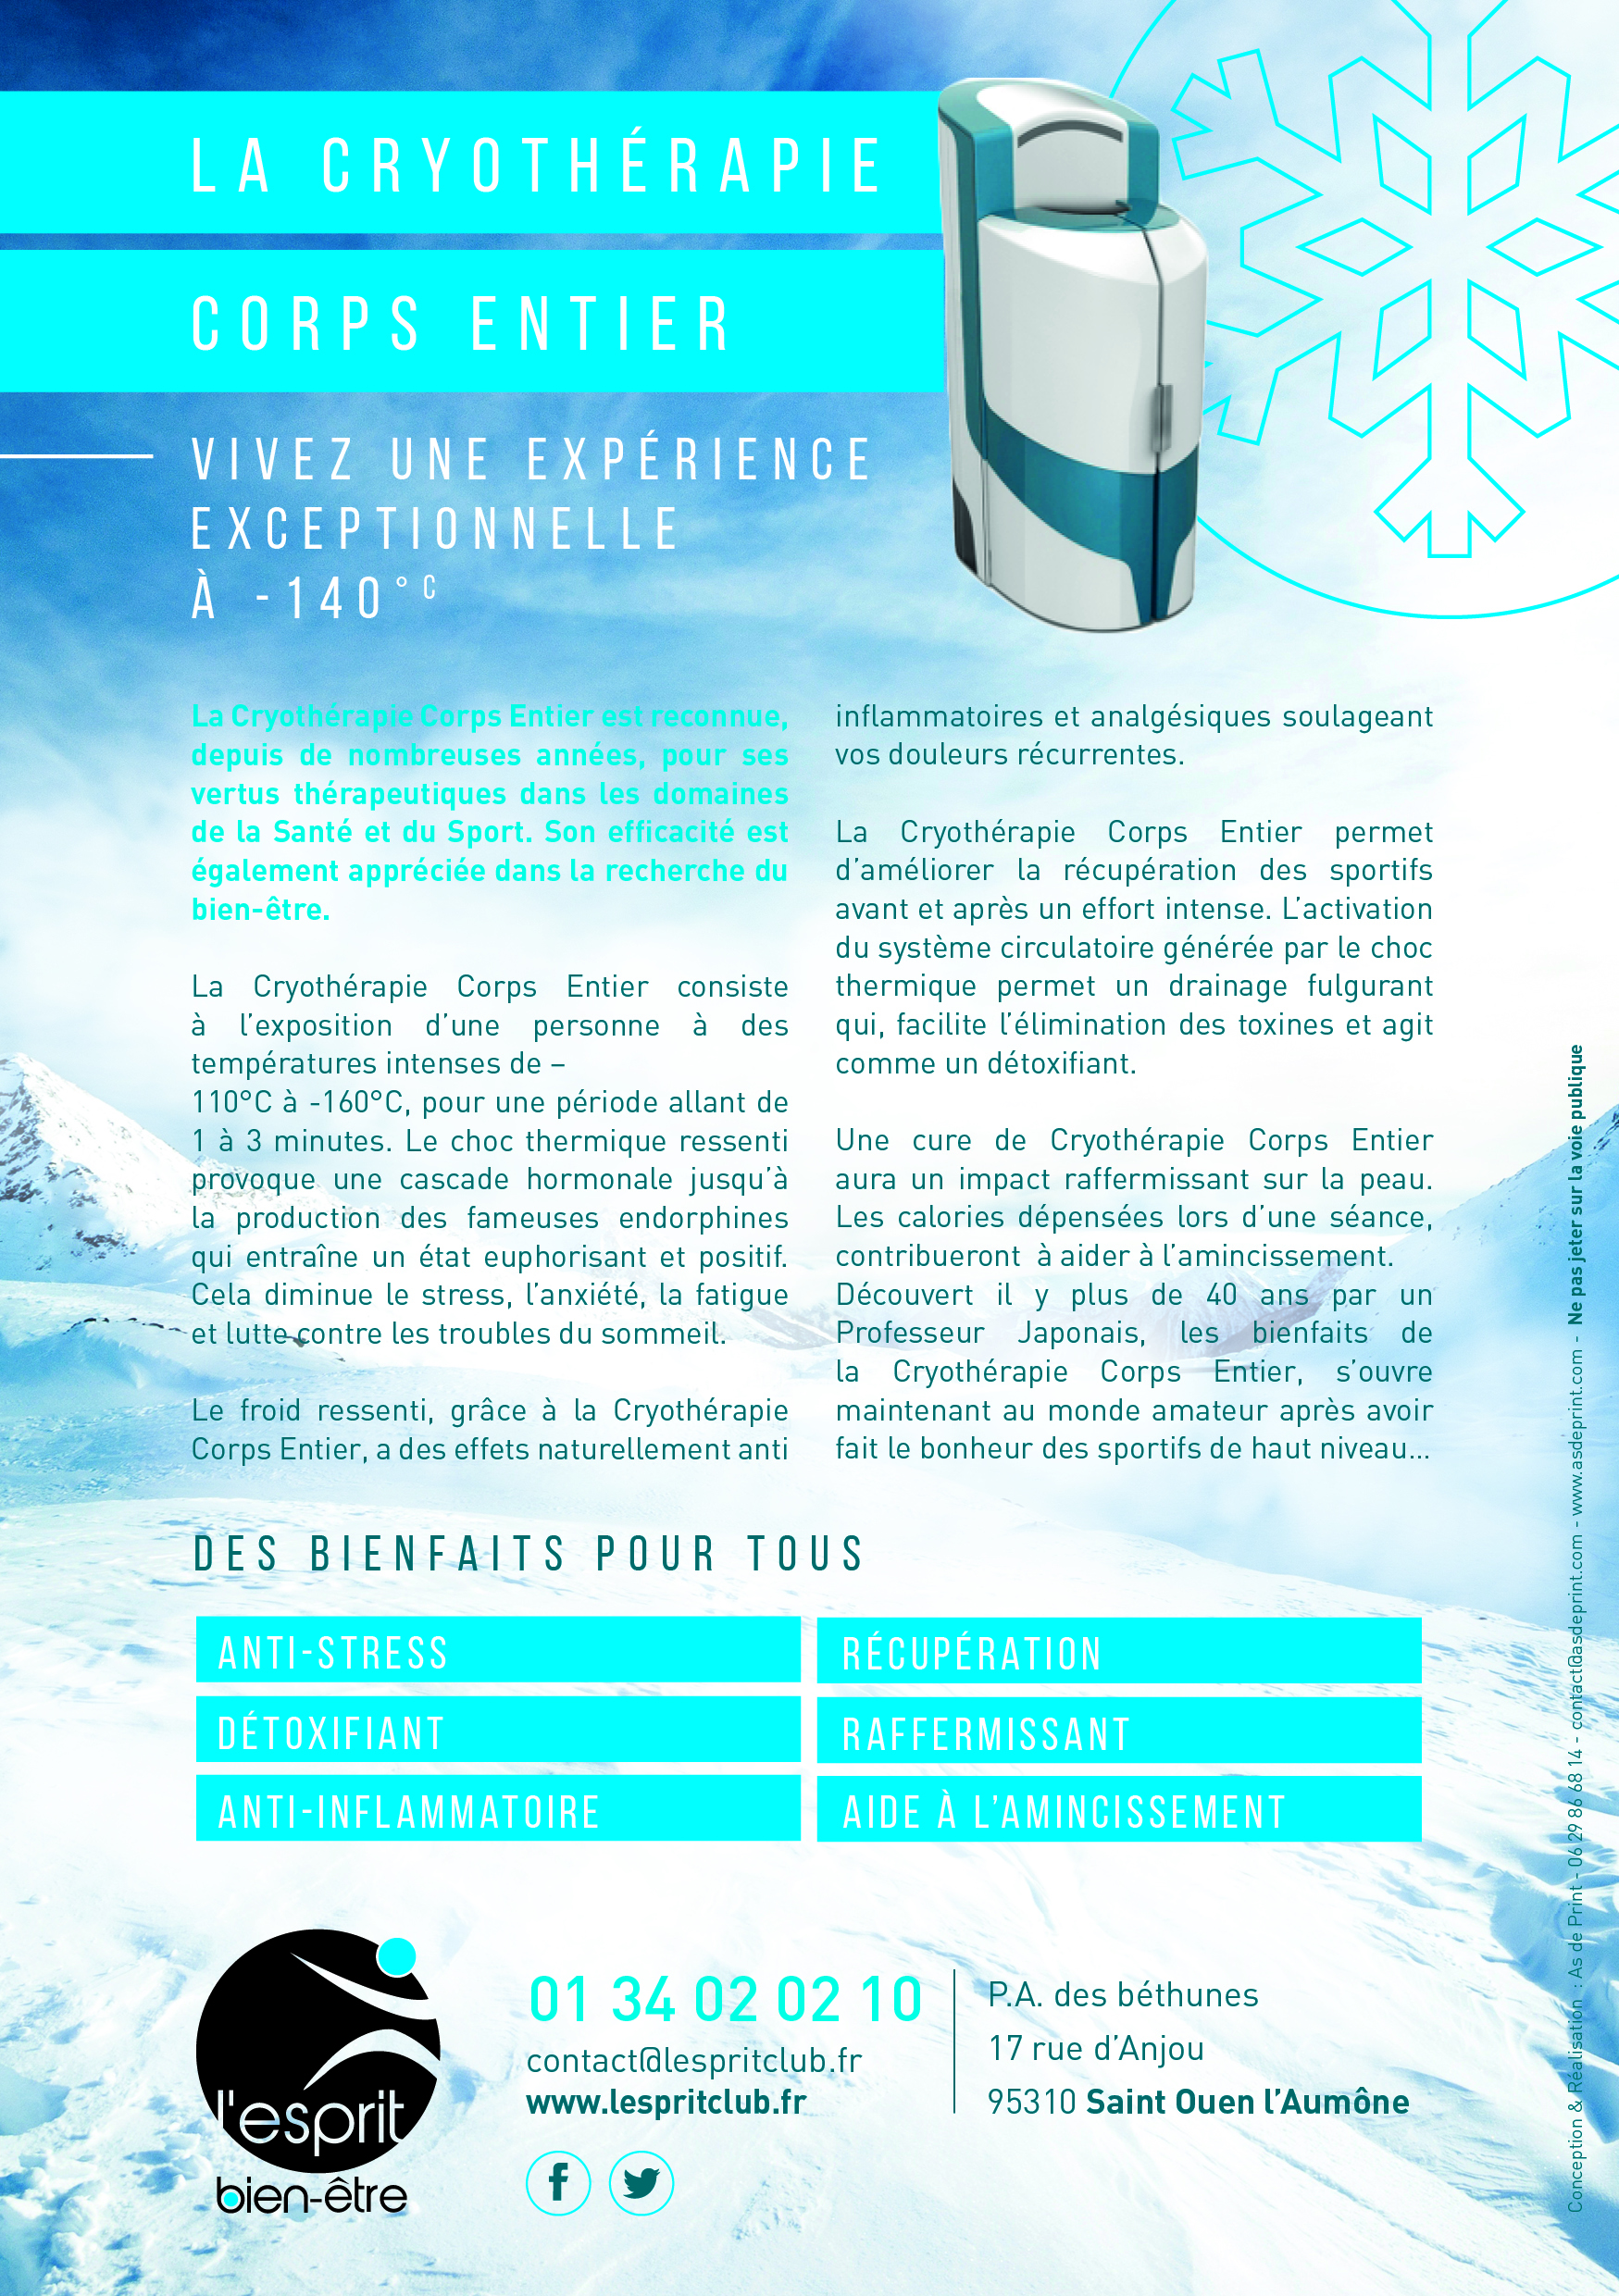 flyer-cryotherapie-esprit-bien-e%cc%82tre2